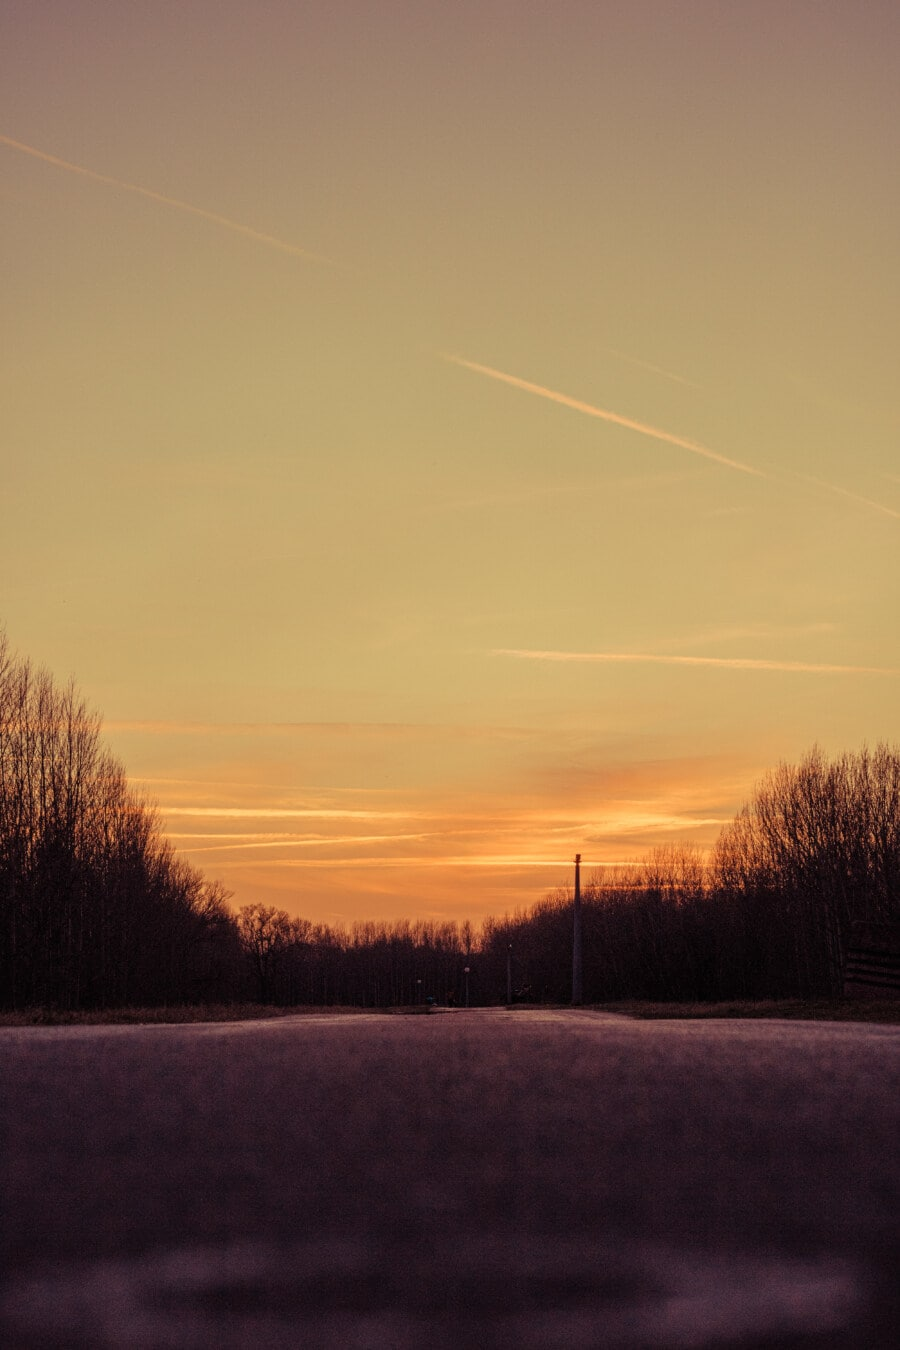 vide, Itinéraire, asphalte, coucher de soleil, soleil, aube, lumière, soirée, paysage, atmosphère